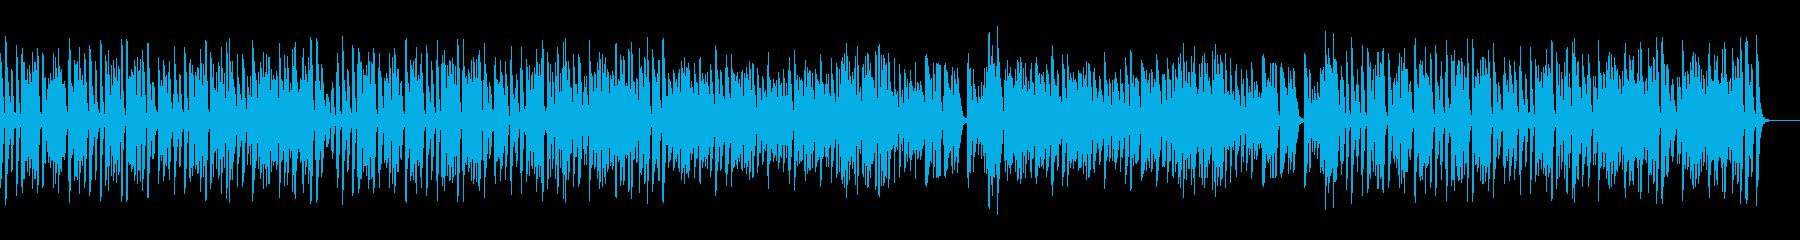 コミカルでお洒落レトロな名曲ピアノの再生済みの波形